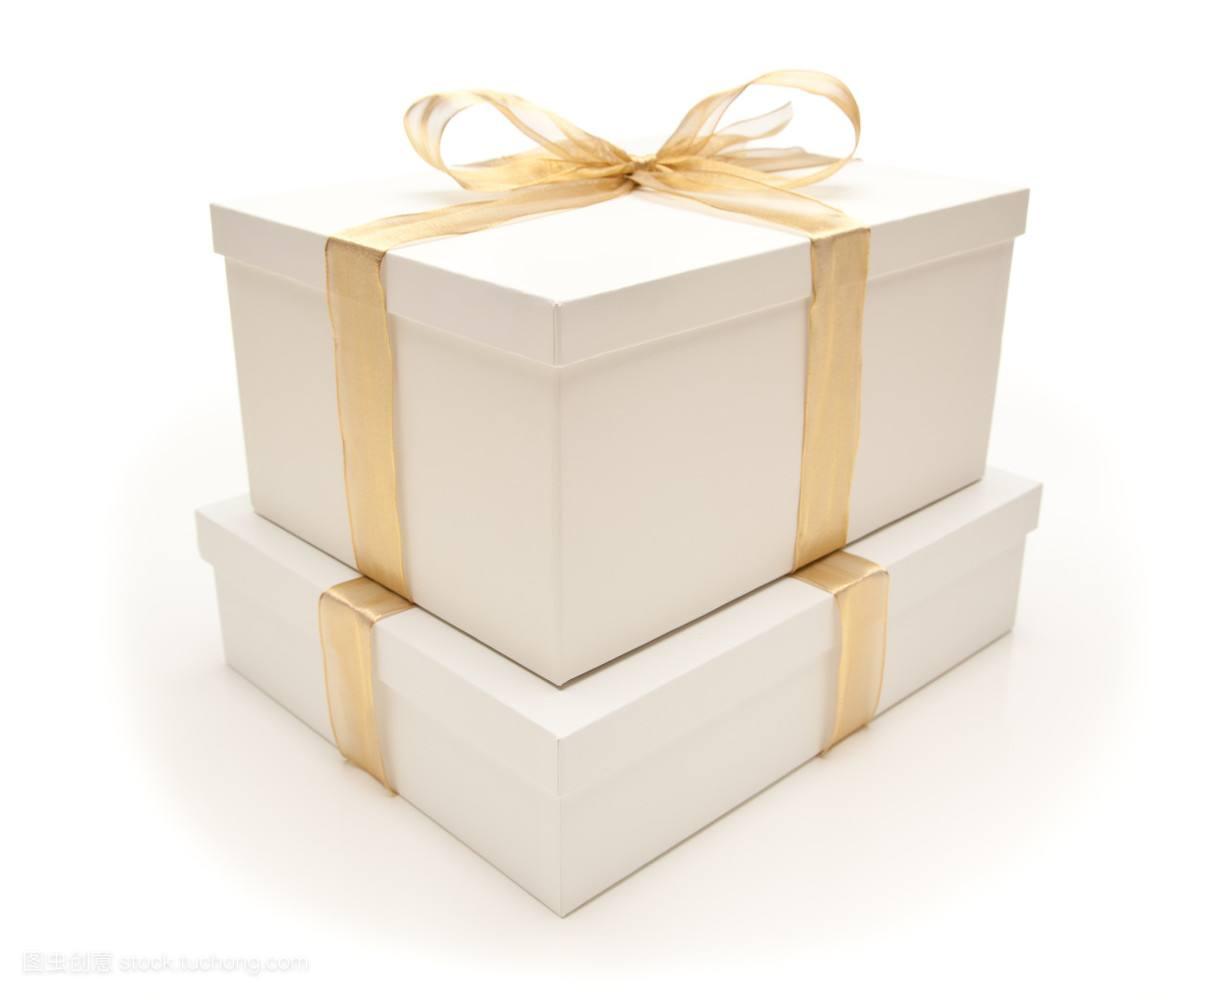 想购买厂家直销的节日礼品纸箱,优选君明包装材料 山西轻纺包装纸箱